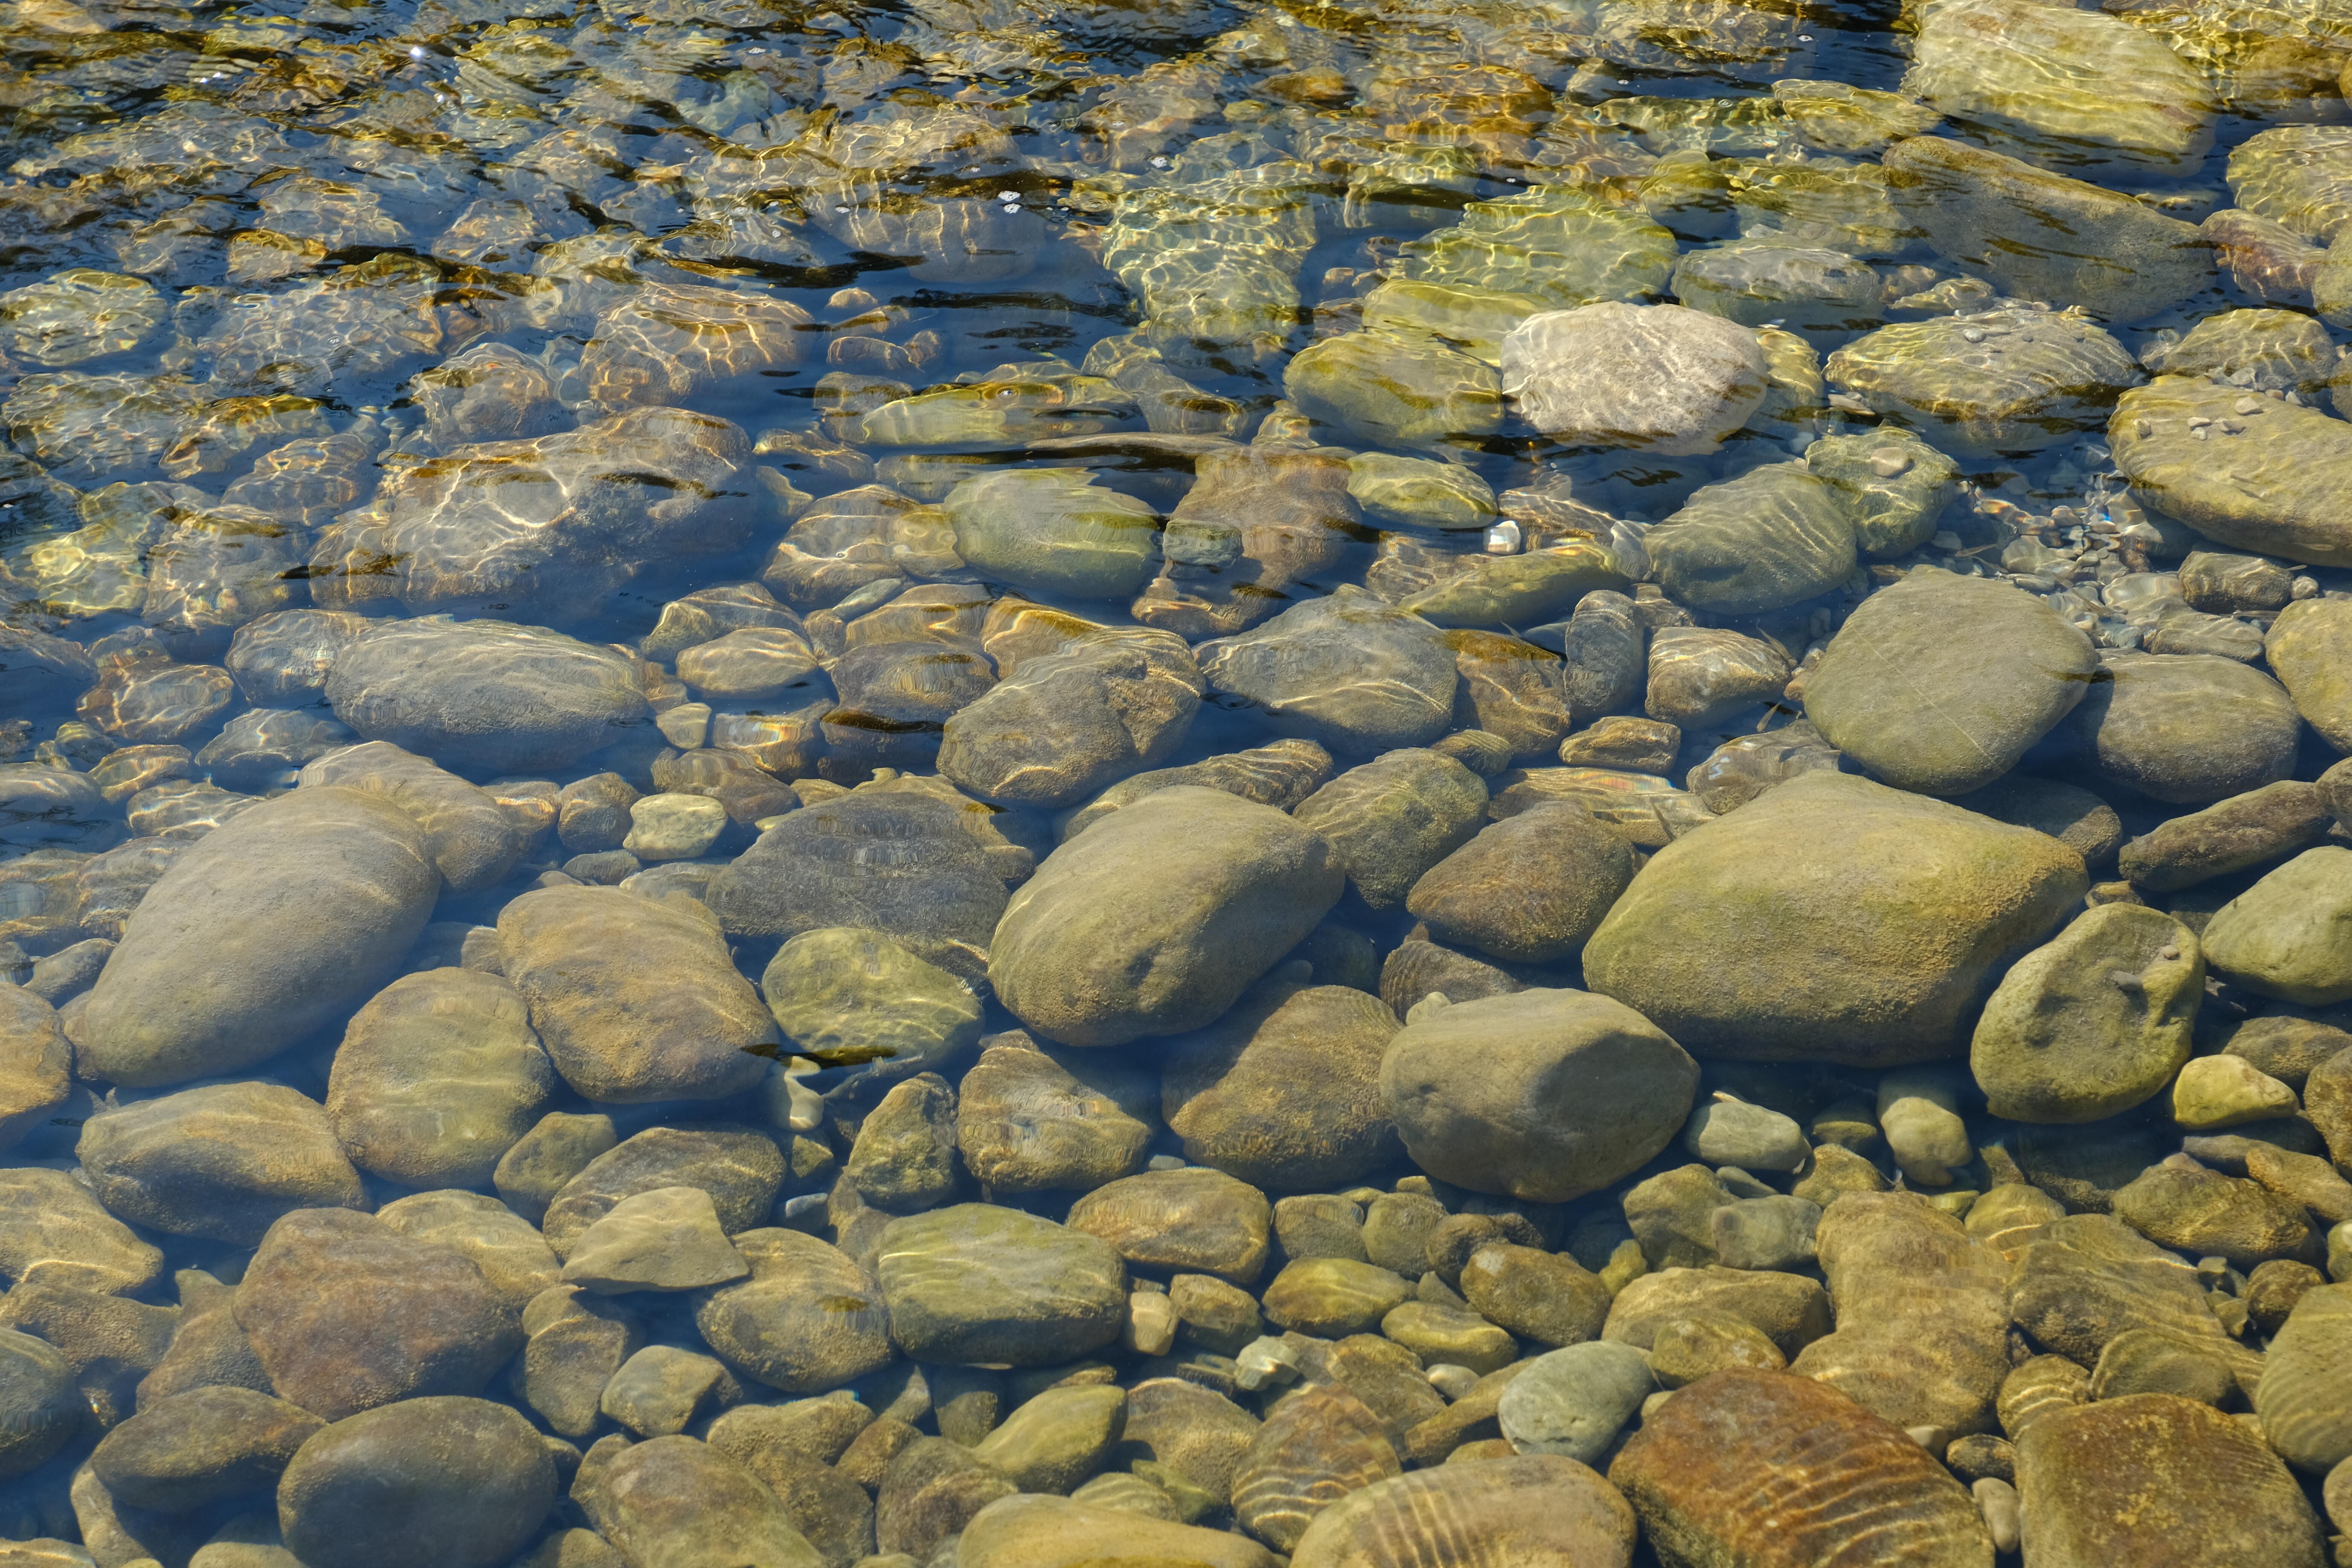 99379 Заставки и Обои Вода на телефон. Скачать Вода, Природа, Камни, Прозрачный, Водоем, Дно картинки бесплатно